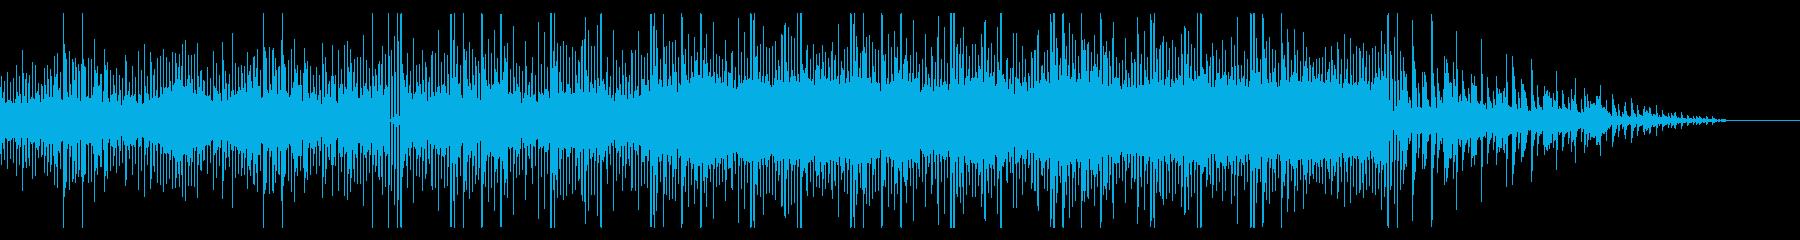 ゆるいレトロフューチャー作品の再生済みの波形